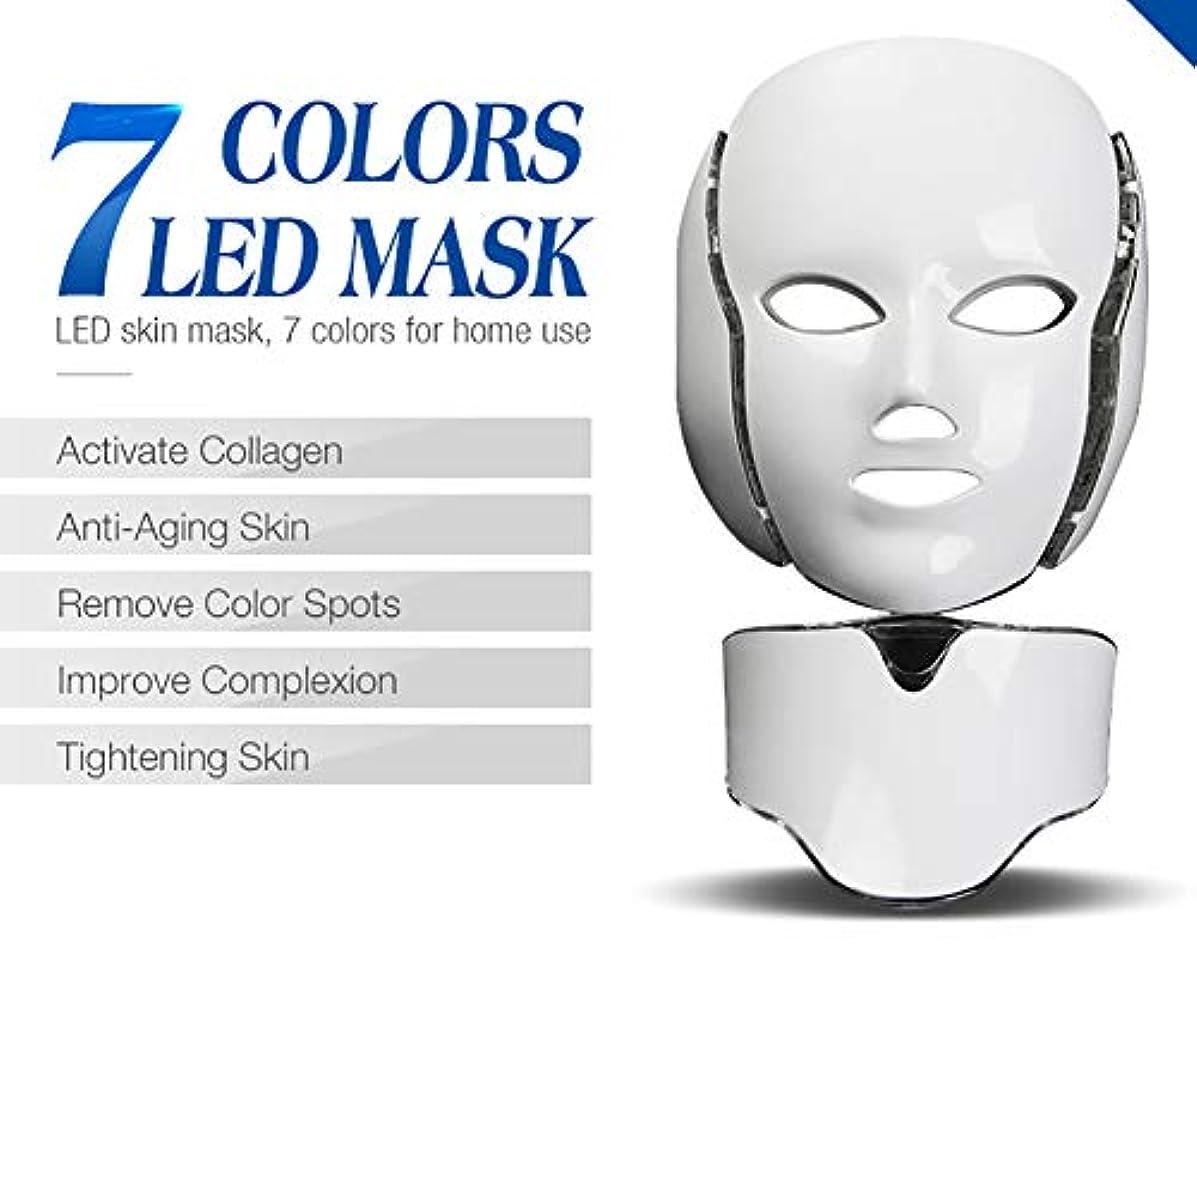 機会ノーブルクラウン7色ledフェイスマスク、7色電気ledフェイシャルマスク付きネック肌の若返り抗にきびシワ美容トリートメントサロンホームユース